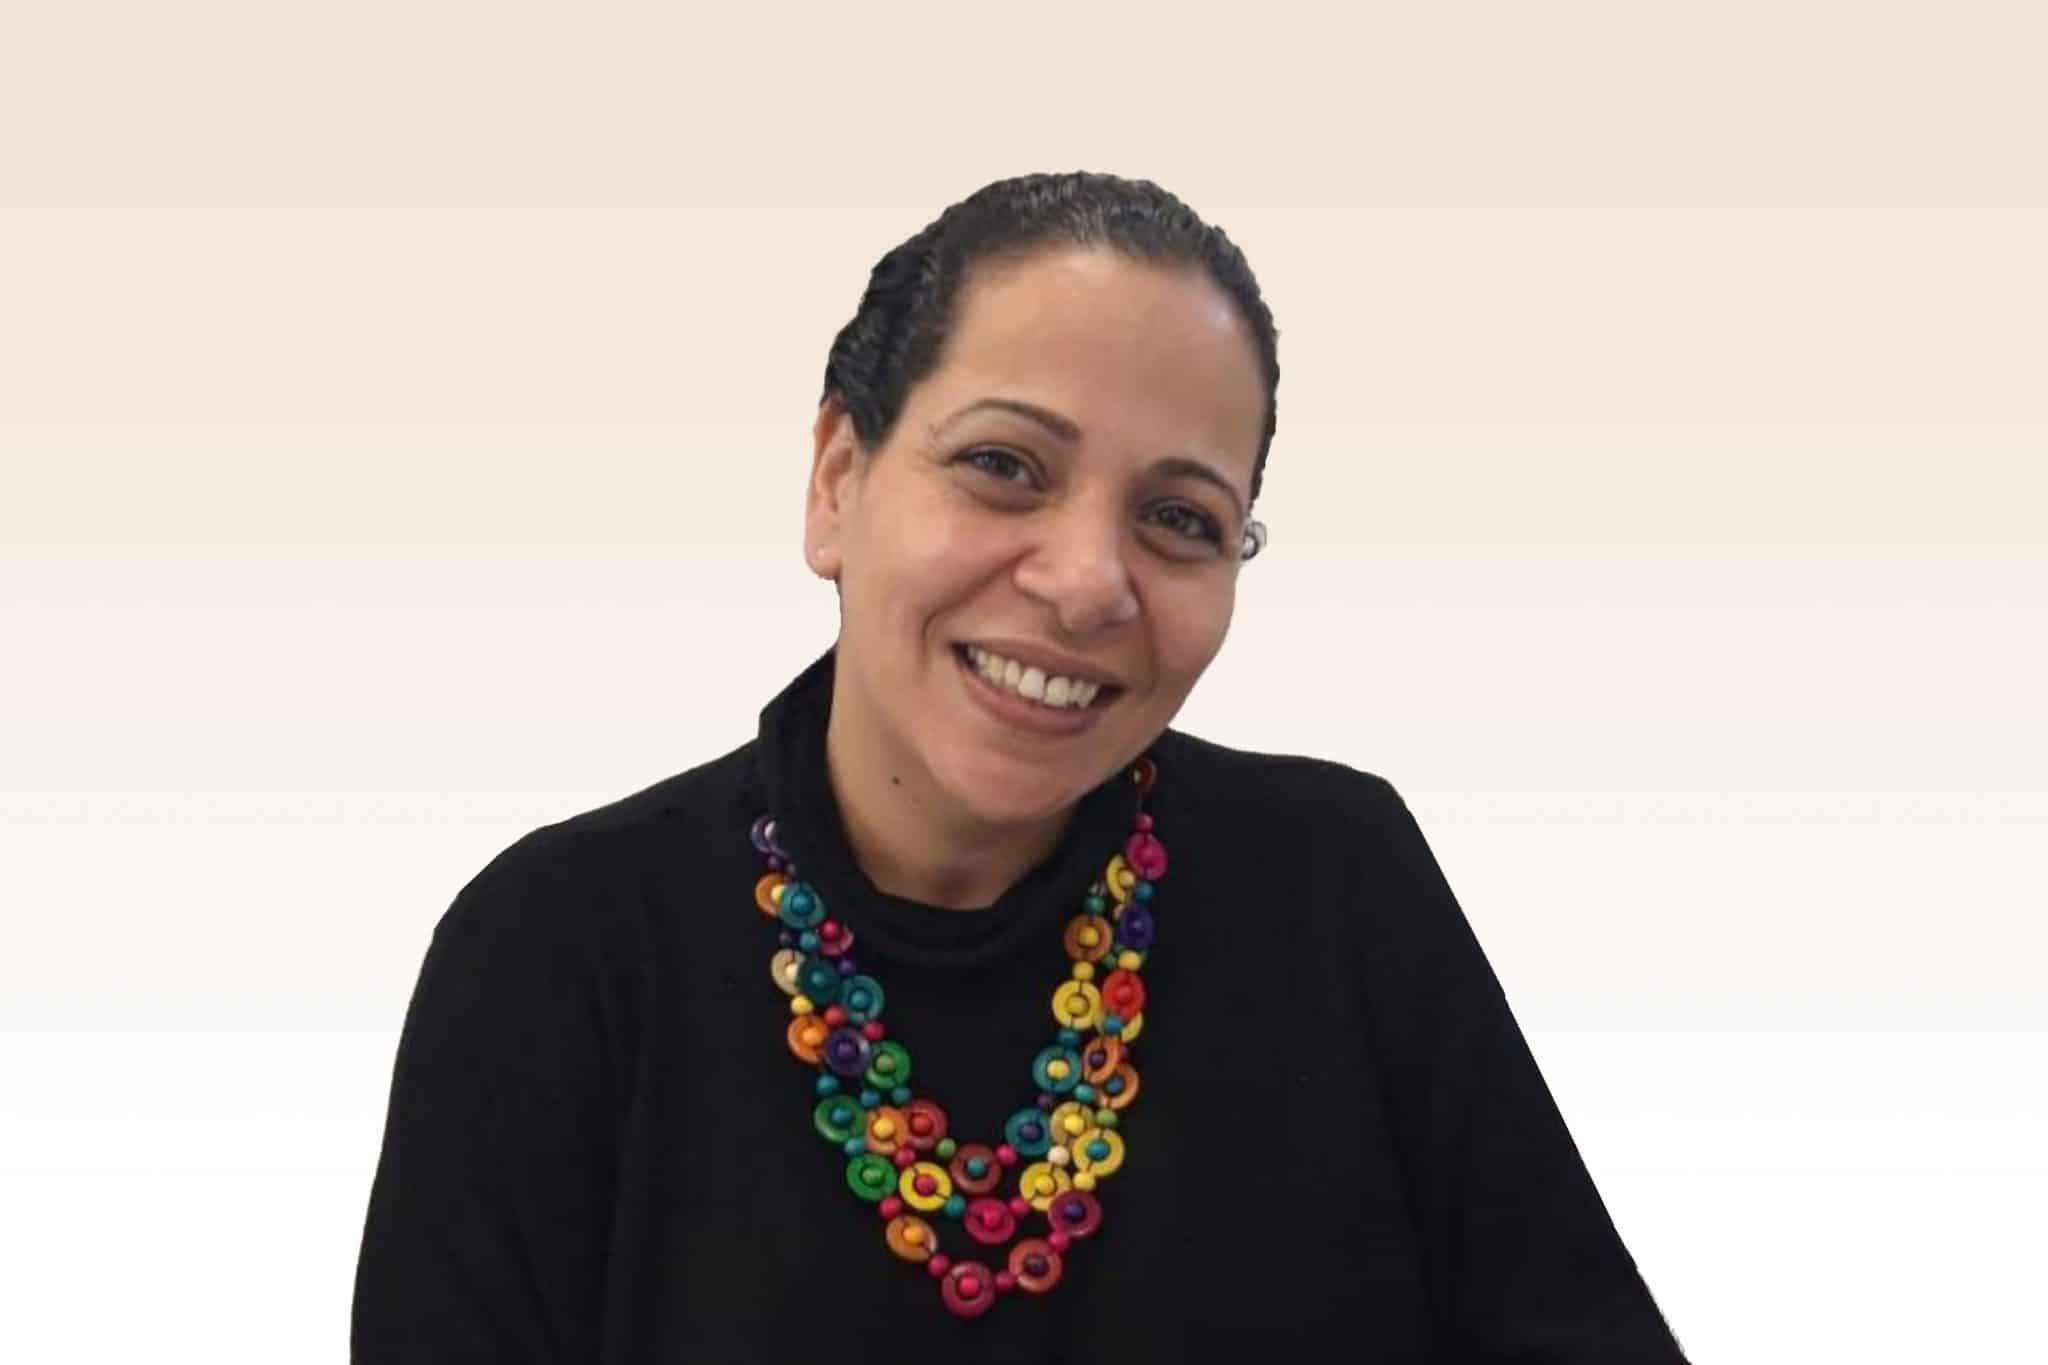 ויקי כהן קדוש - מנהלת מחלקת תוויות בפאר פרינט